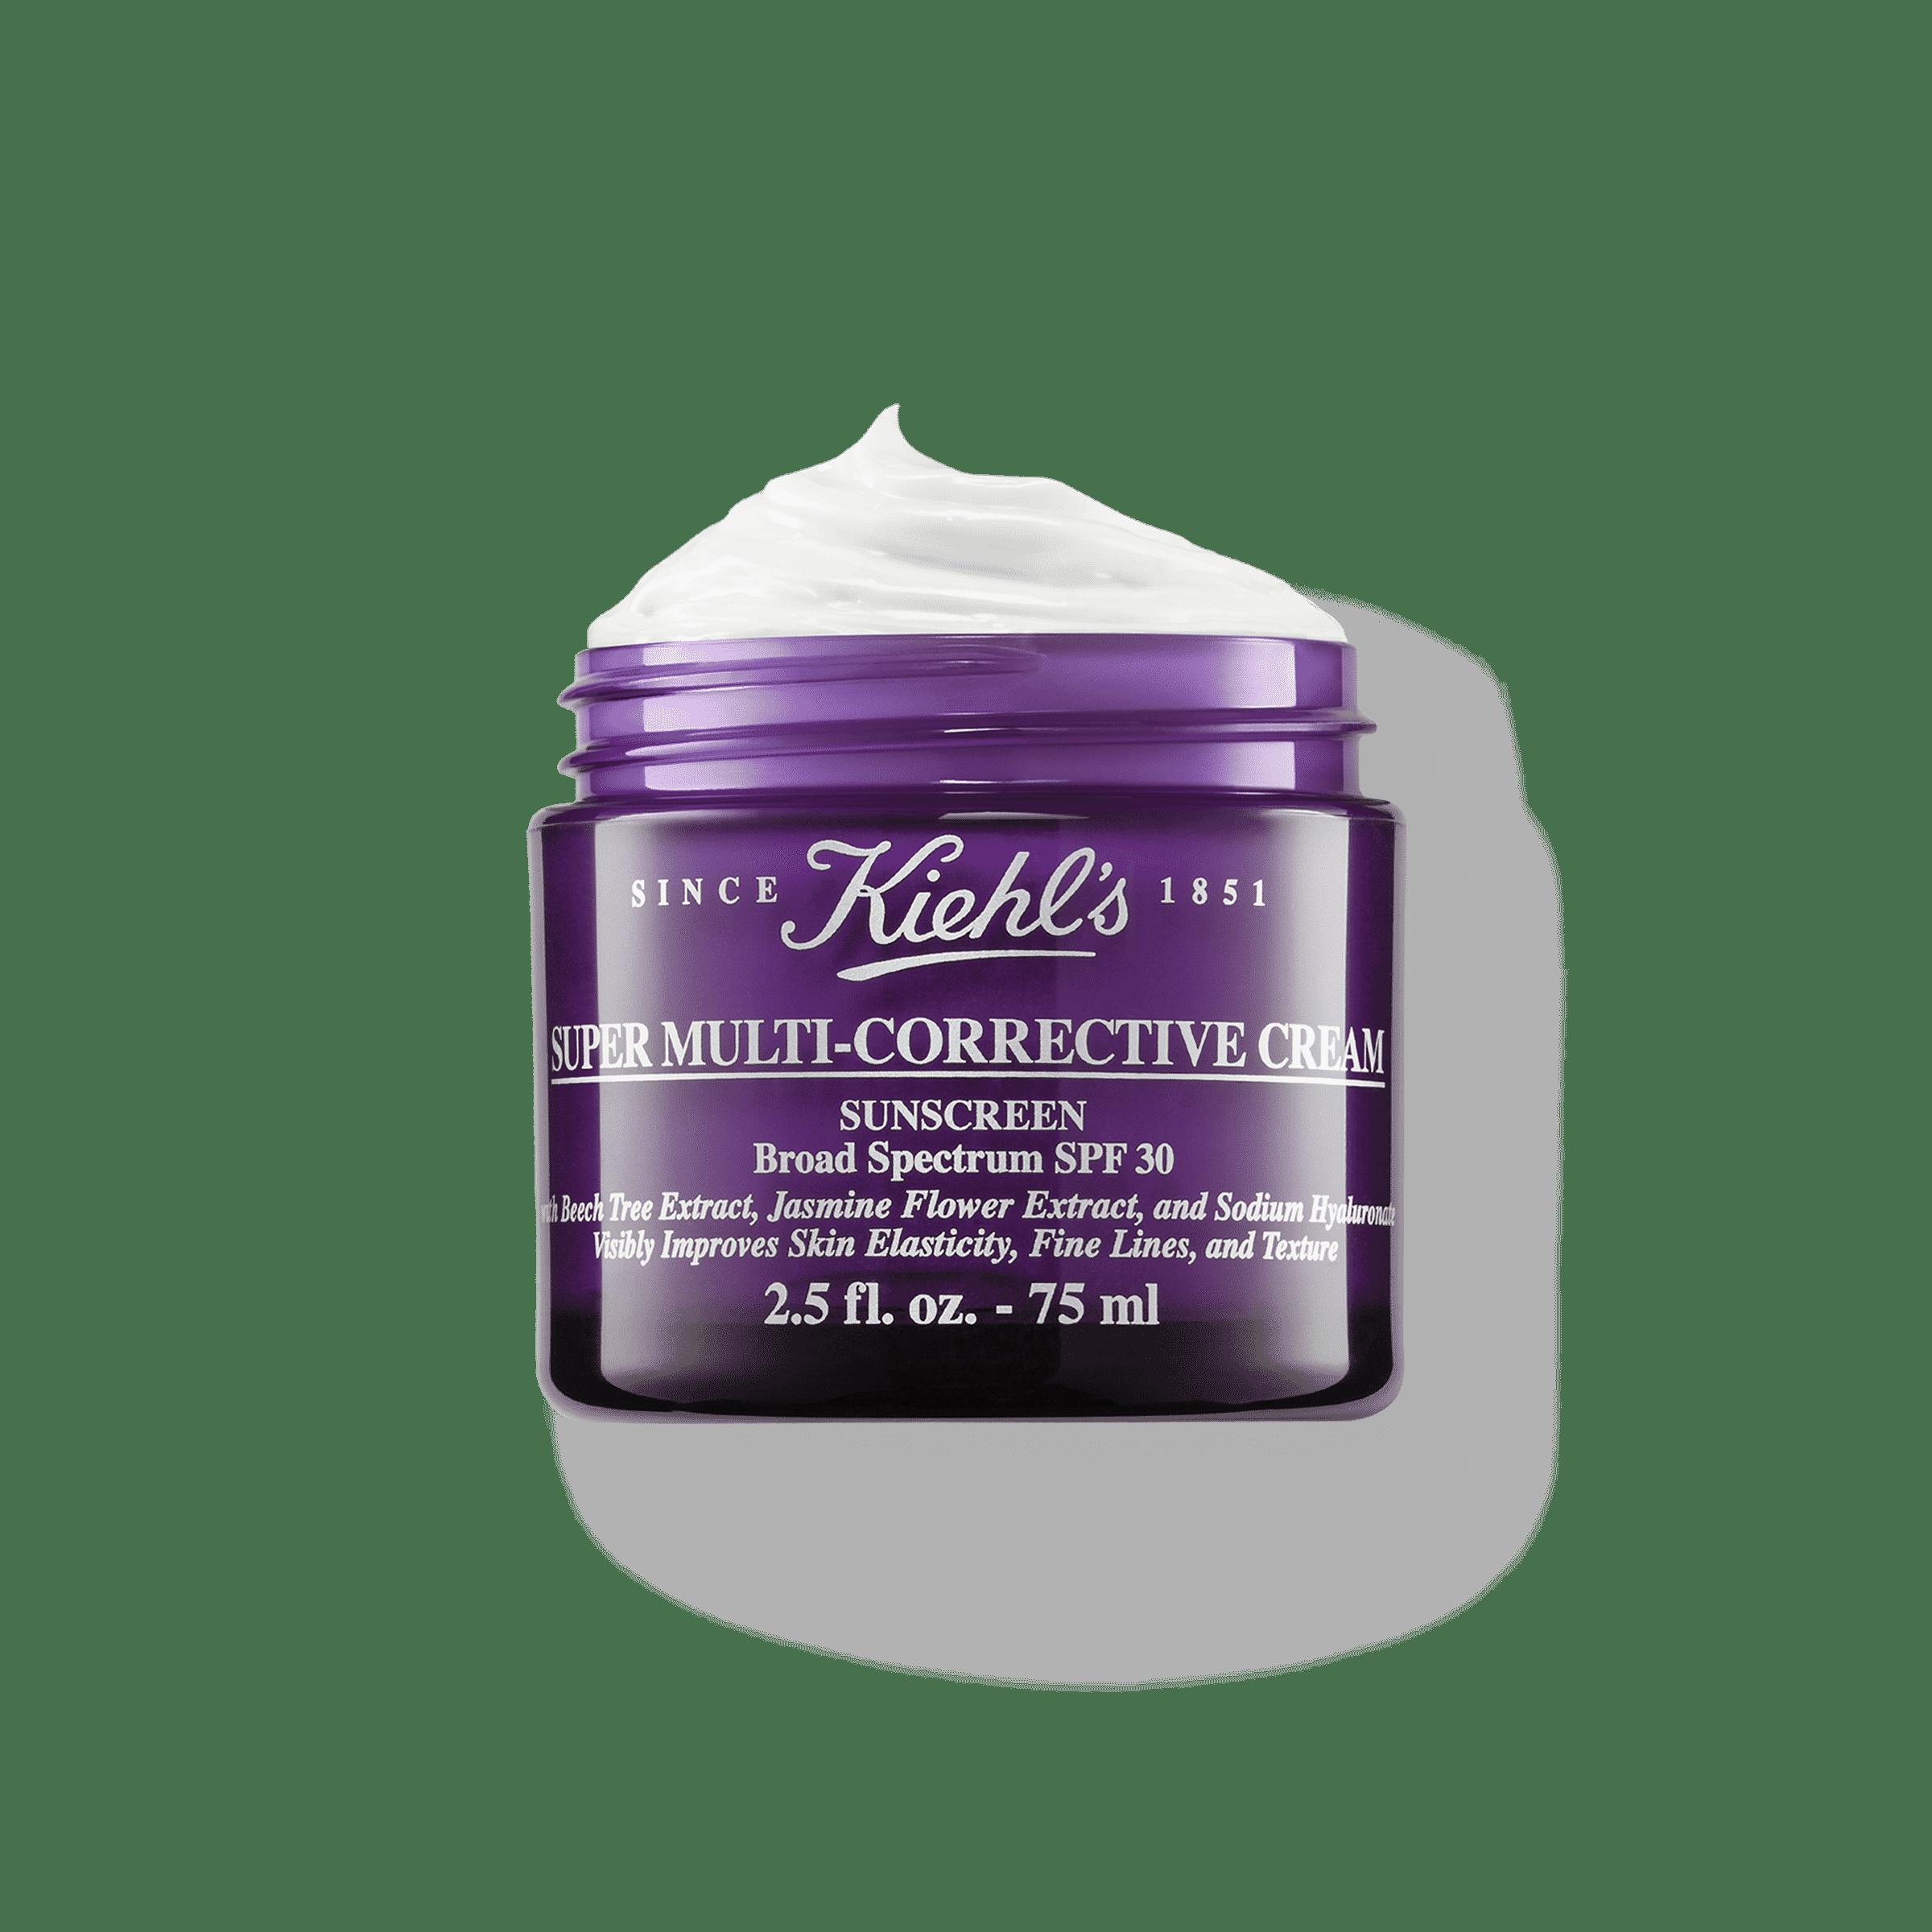 Kiehls-Super-Multi-Corrective-Cream